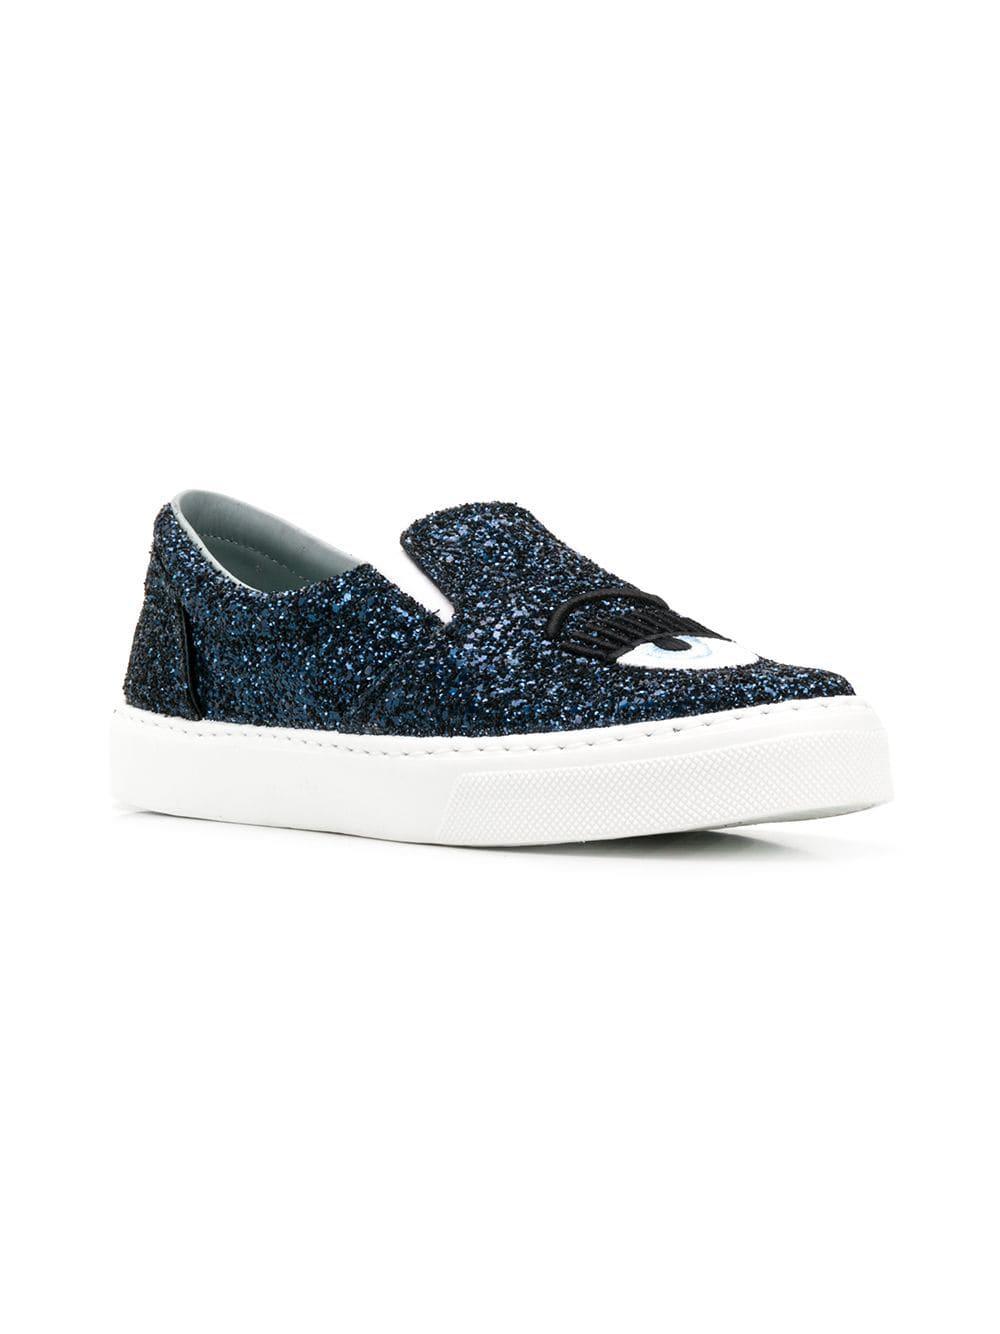 530705bf42a Lyst - Chiara Ferragni Flirting Slip-on Sneakers in Blue